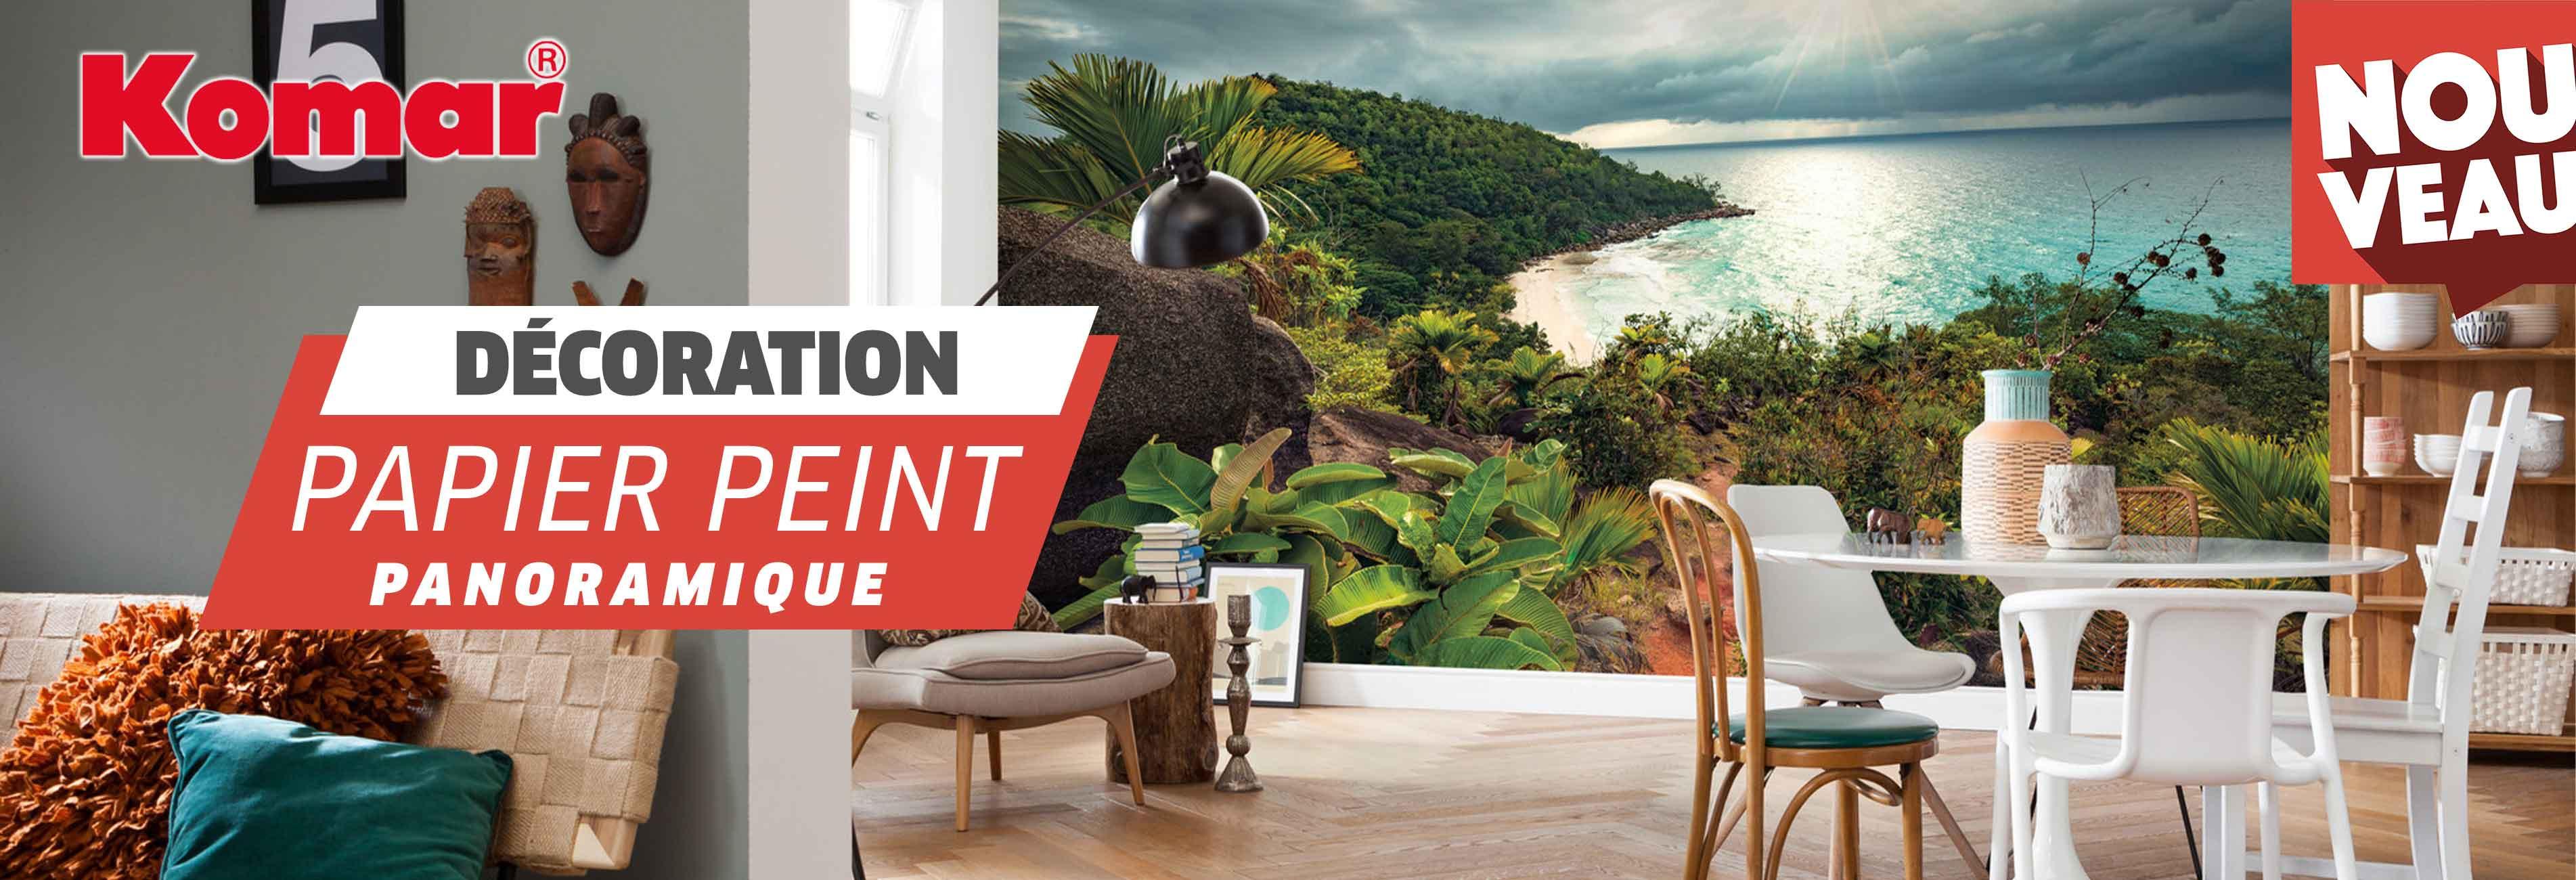 Découvrez le Papier Peint Panoramique pour personnaliser vos murs facilement.